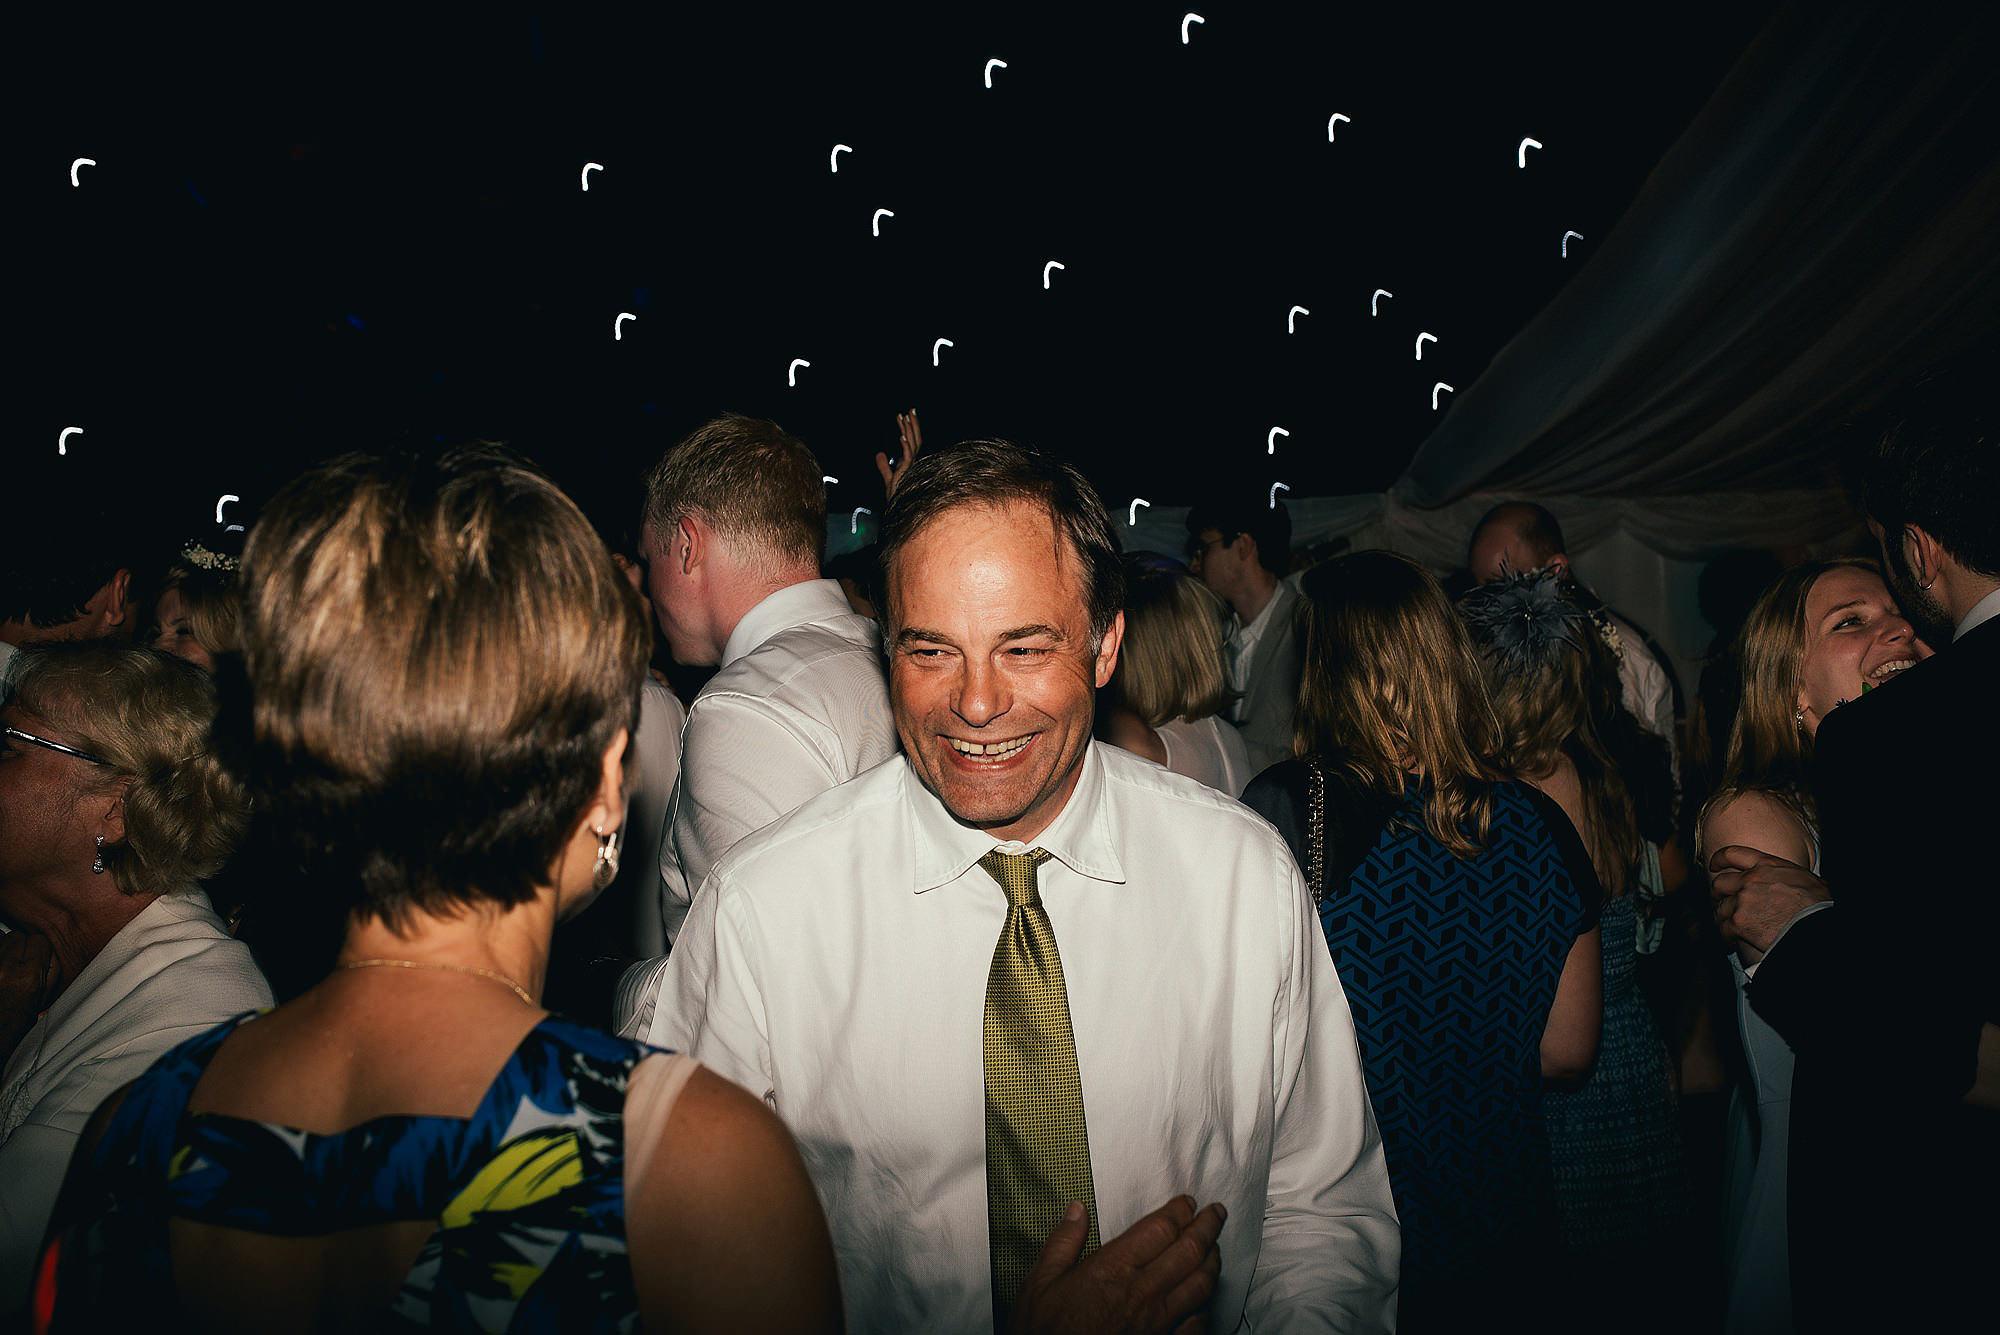 fun dancefloor at wedding